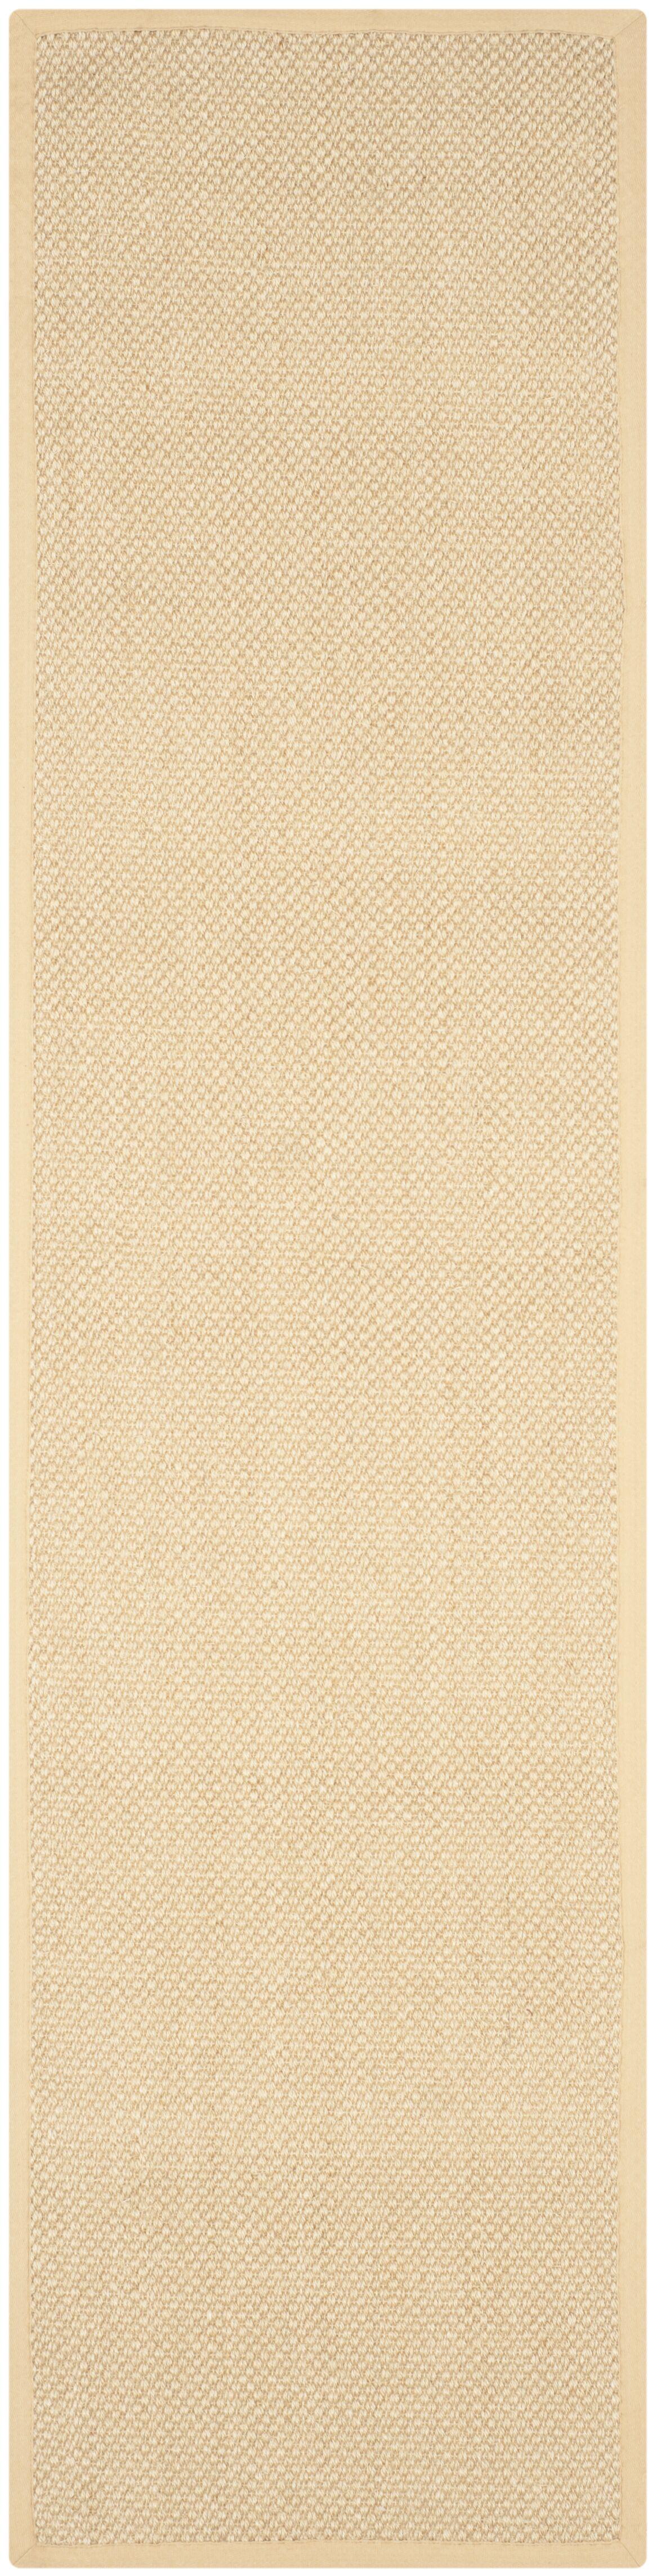 Greene Maize/Wheat Area Rug Rug Size: Runner 2'6